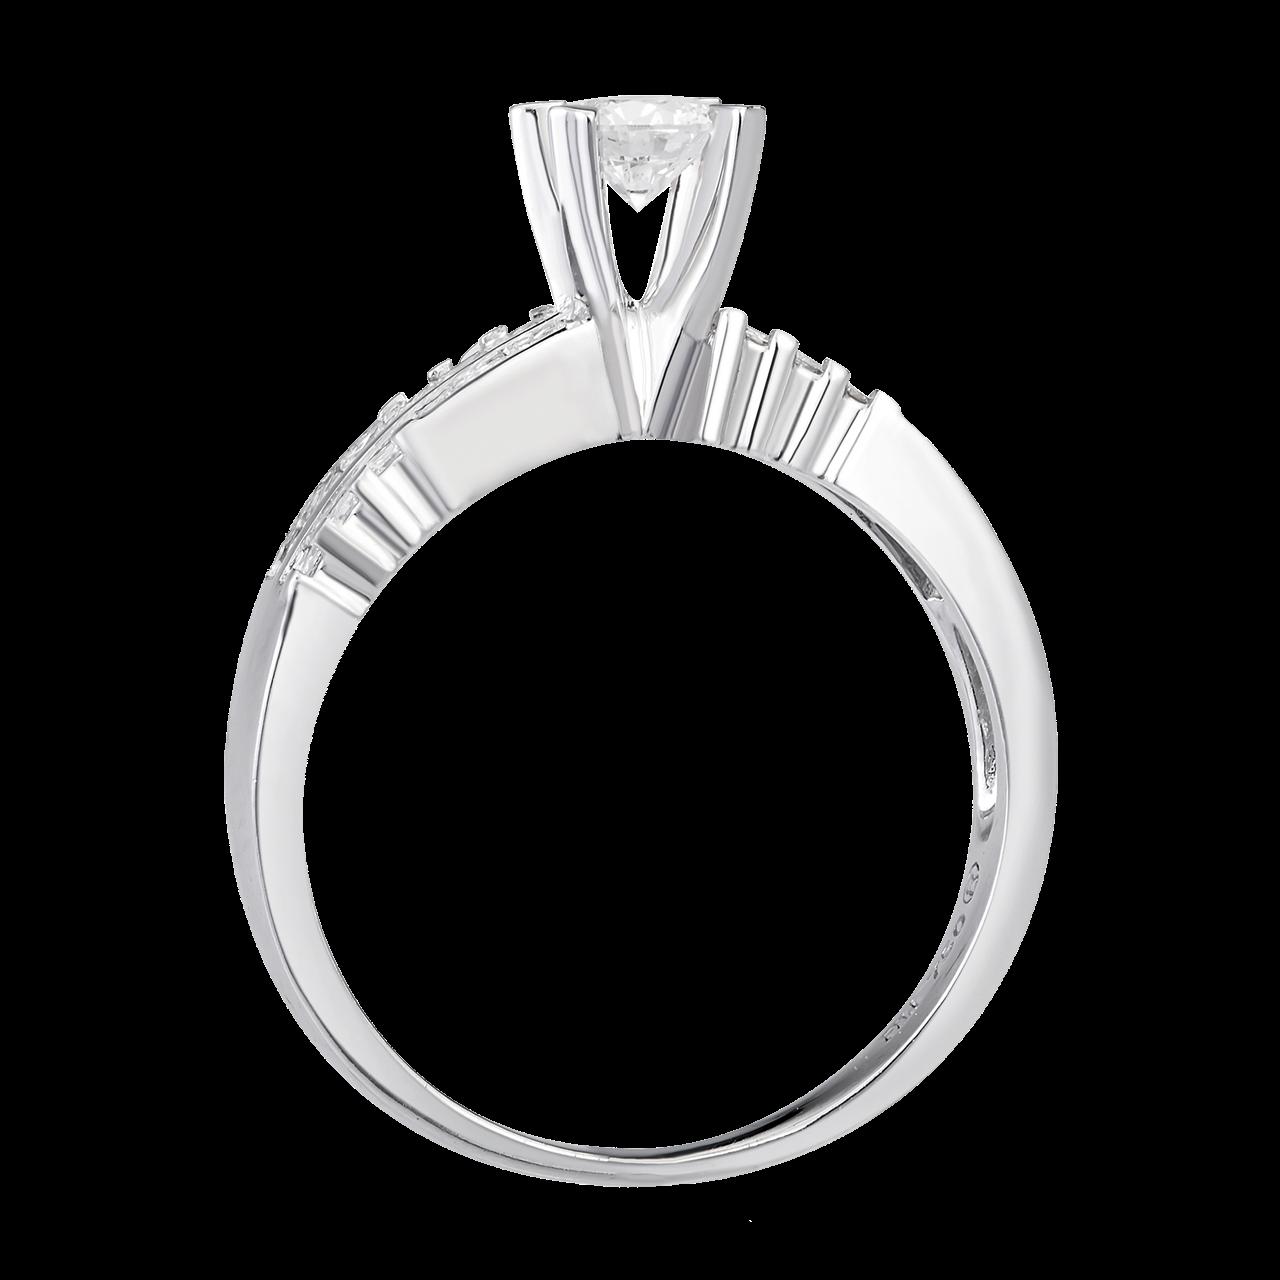 Nhẫn Kim cương Vàng trắng 14K PNJ DDDDW000703